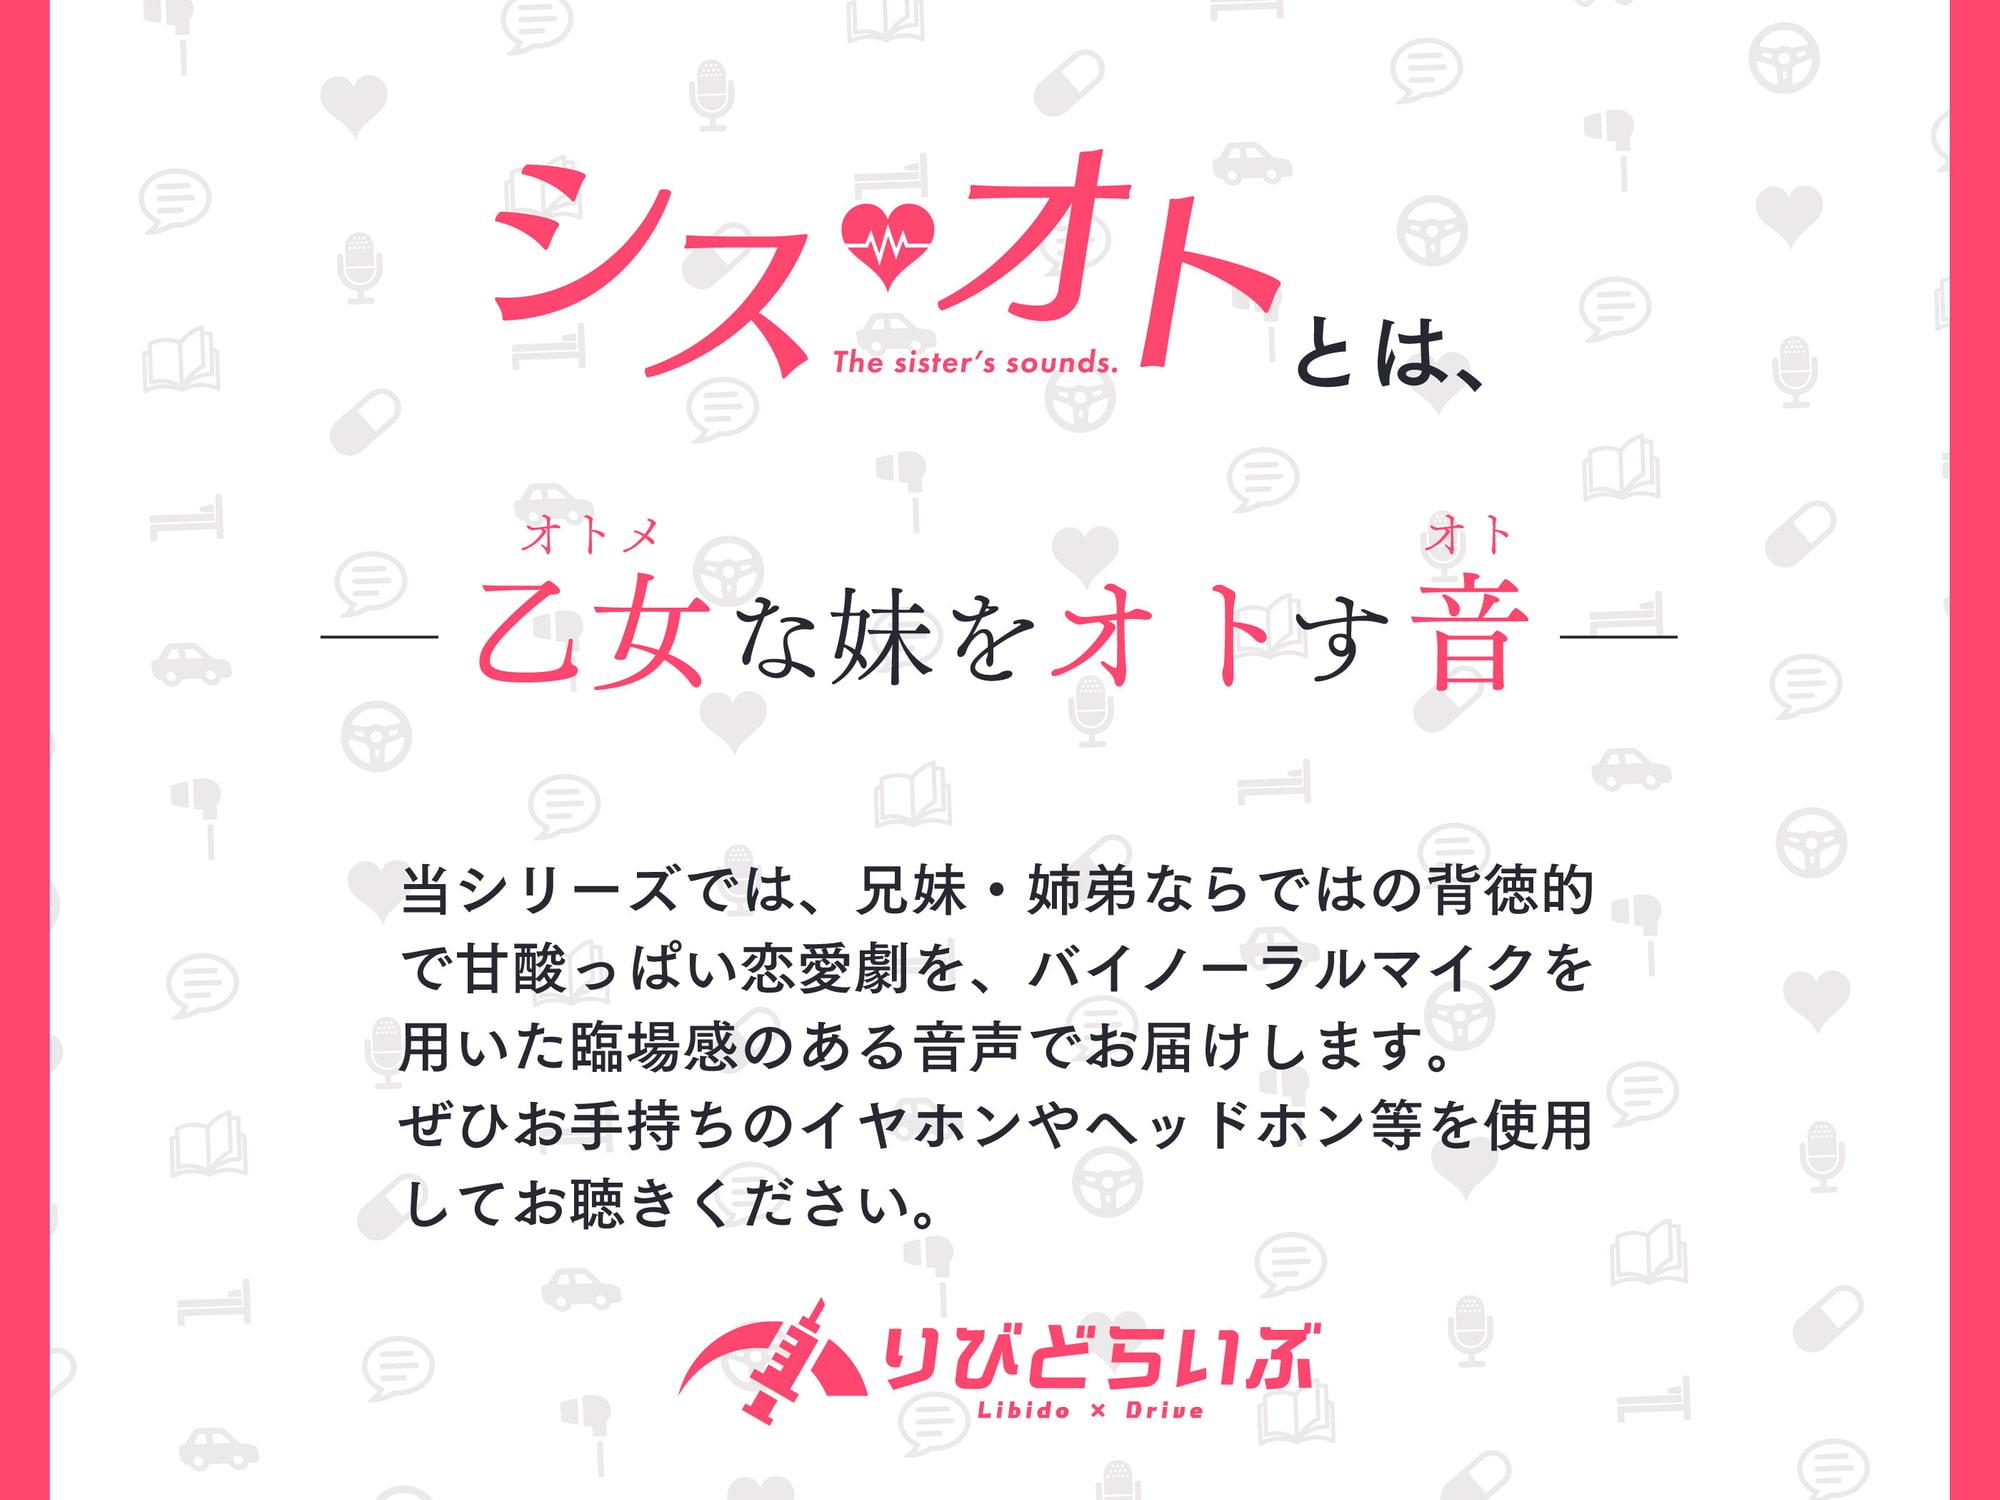 シスオト ~妹助けて恋仲えっち!~【KU100】